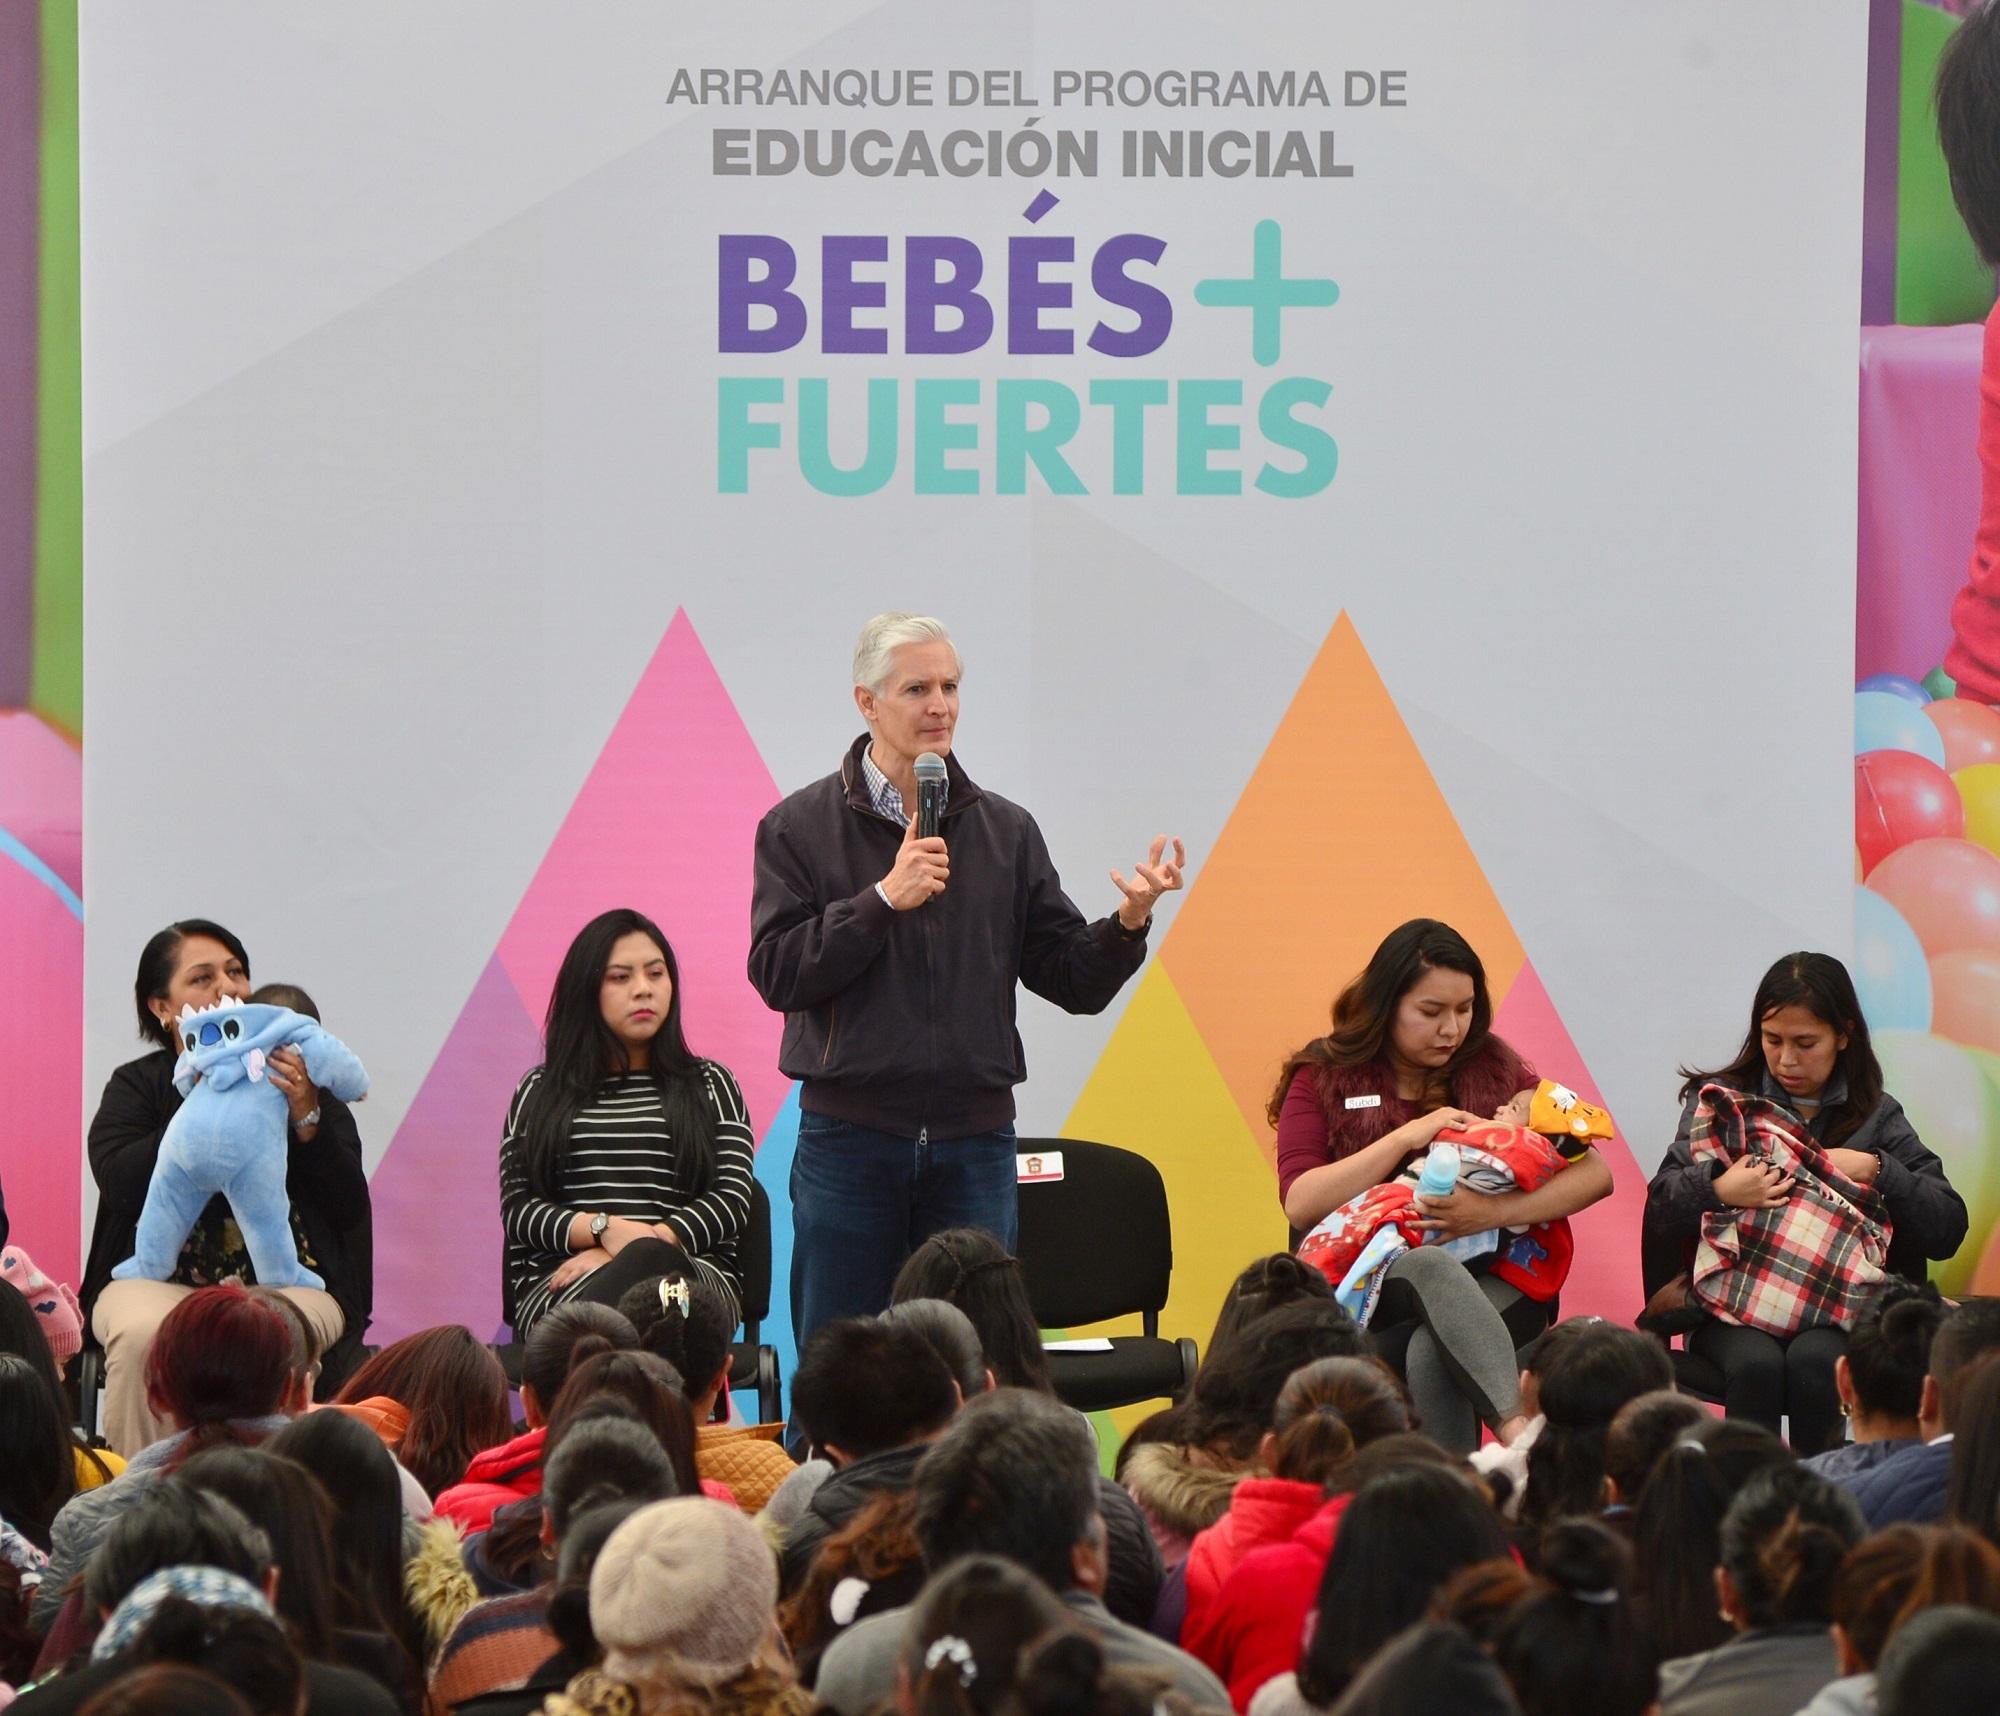 En marcha programa de educación inicial bebés + fuertes, para impulsar el desarrollo integral de los menores de 3 años